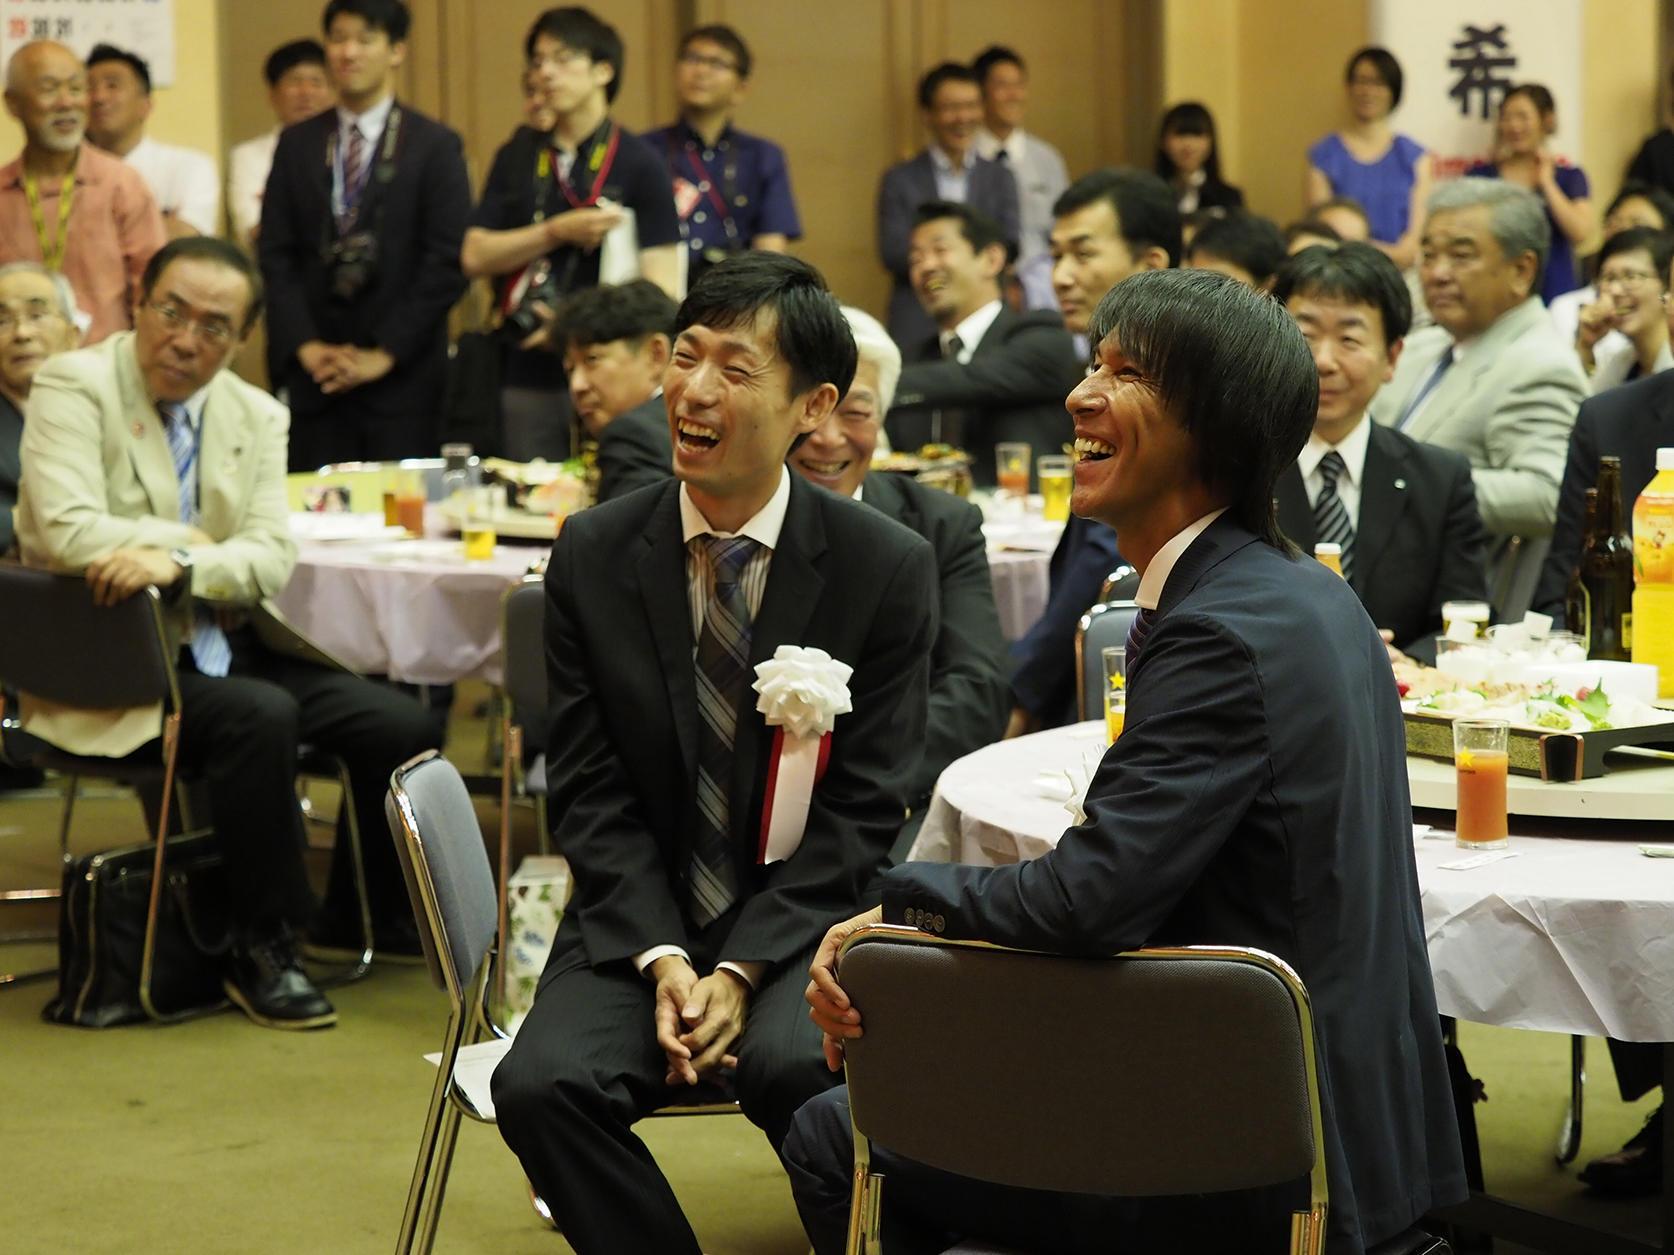 http://news.yoshimoto.co.jp/20180728172647-1f02706ef272c2280c868a9ef9c6901b0c24452b.jpg